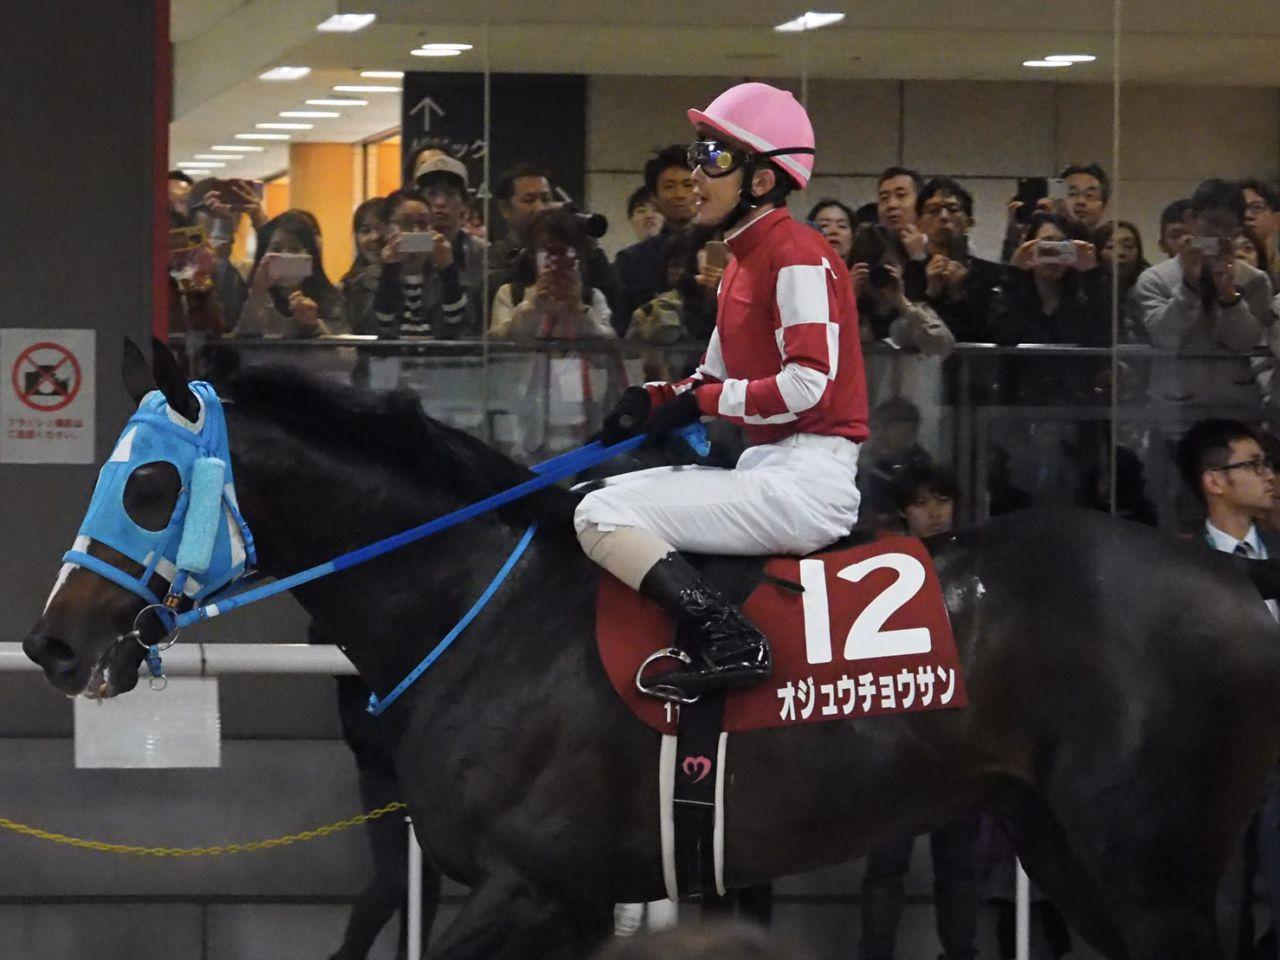 【アルゼンチン共和国杯】ルメール「重賞は勝てそう」直線伸びるも3着まで